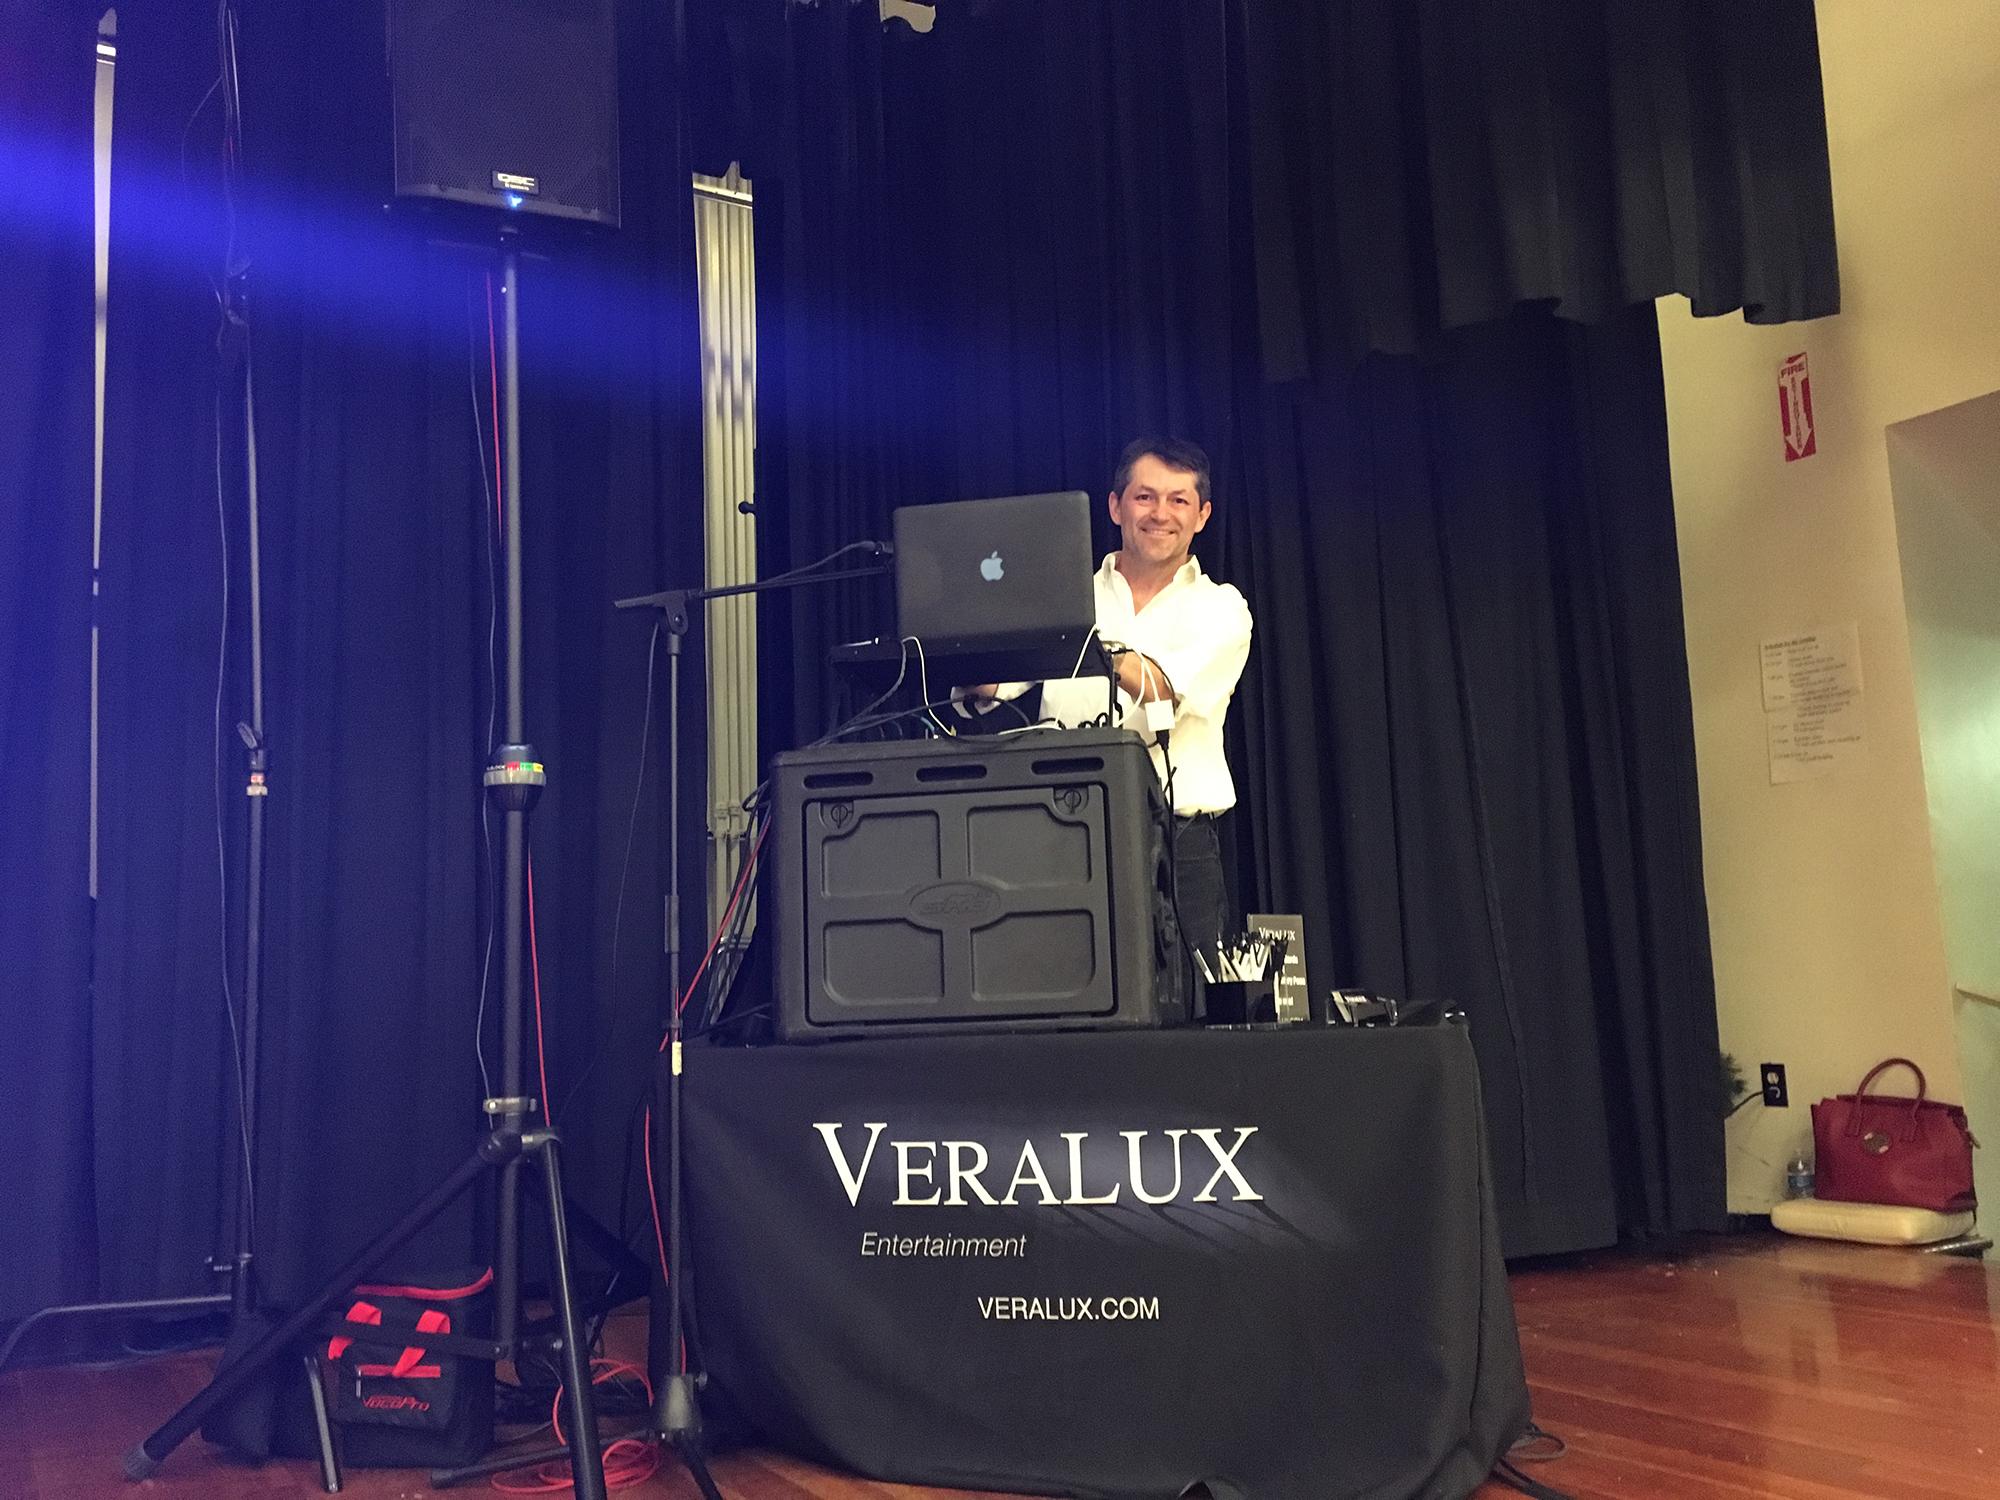 Veralux Entertainment